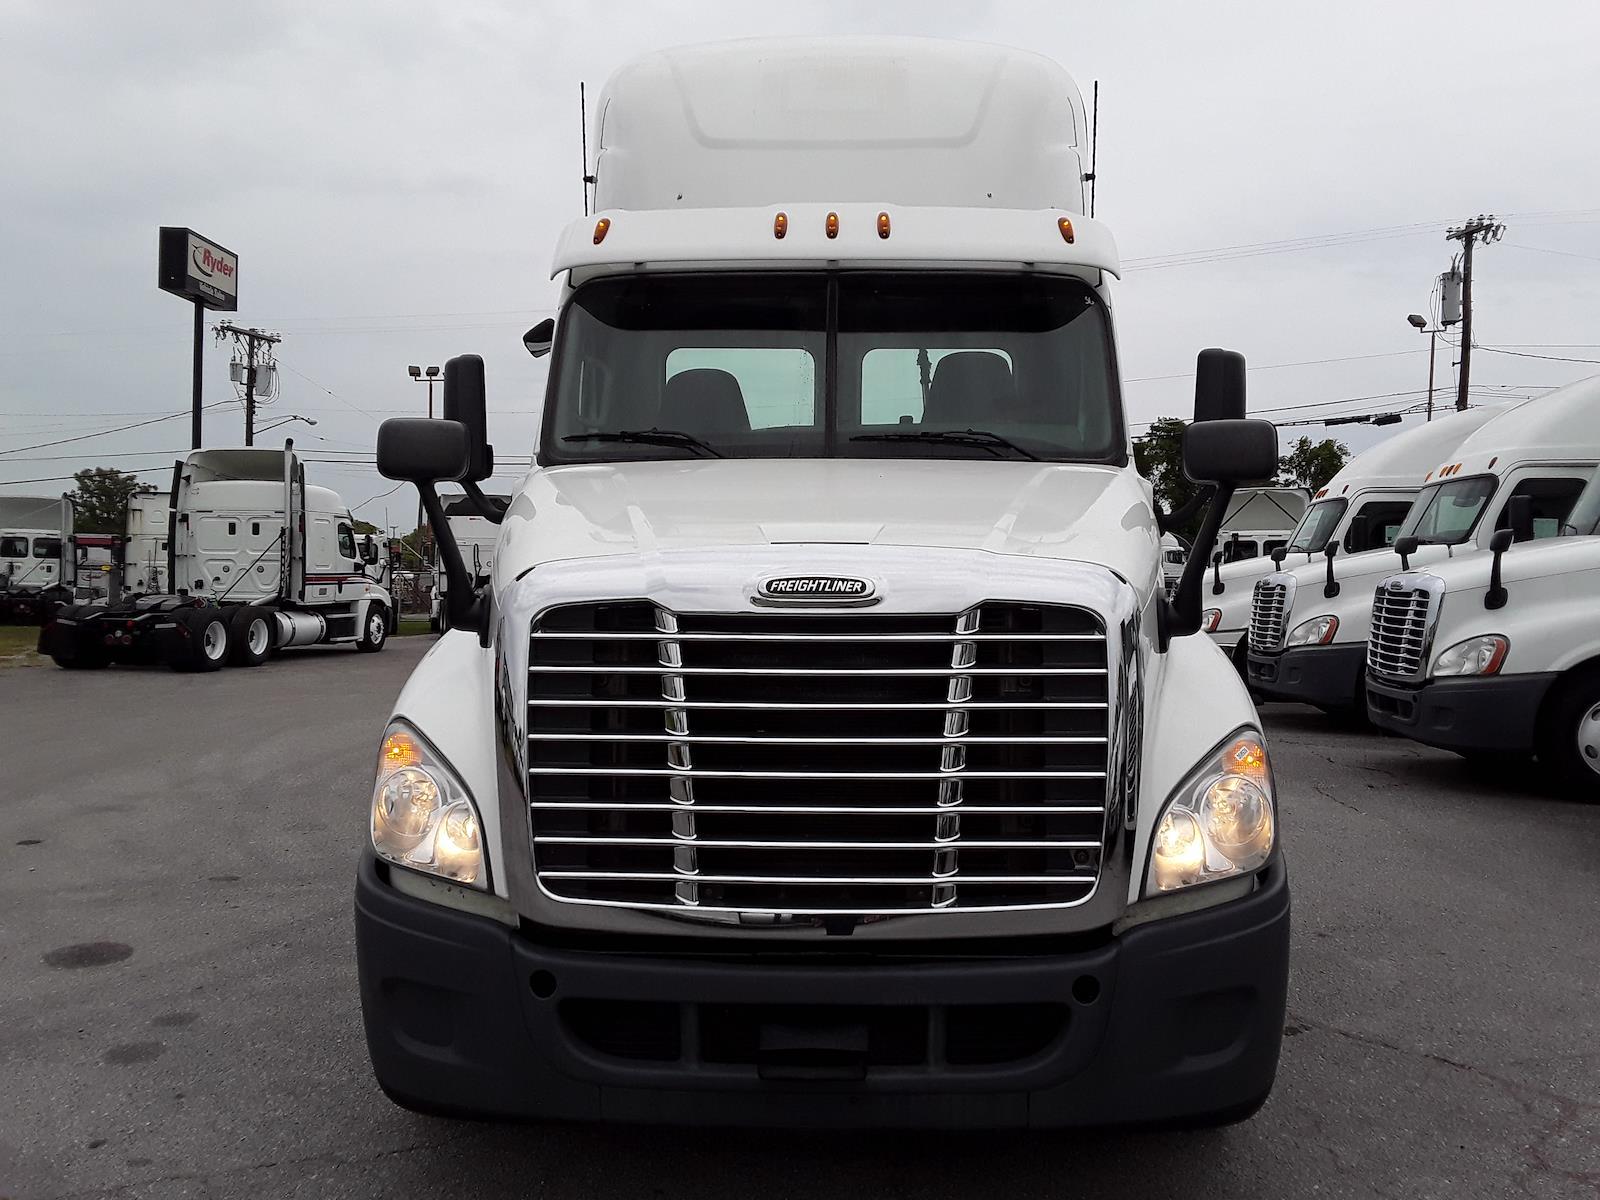 2016 Freightliner Truck 6x4, Tractor #358939 - photo 1